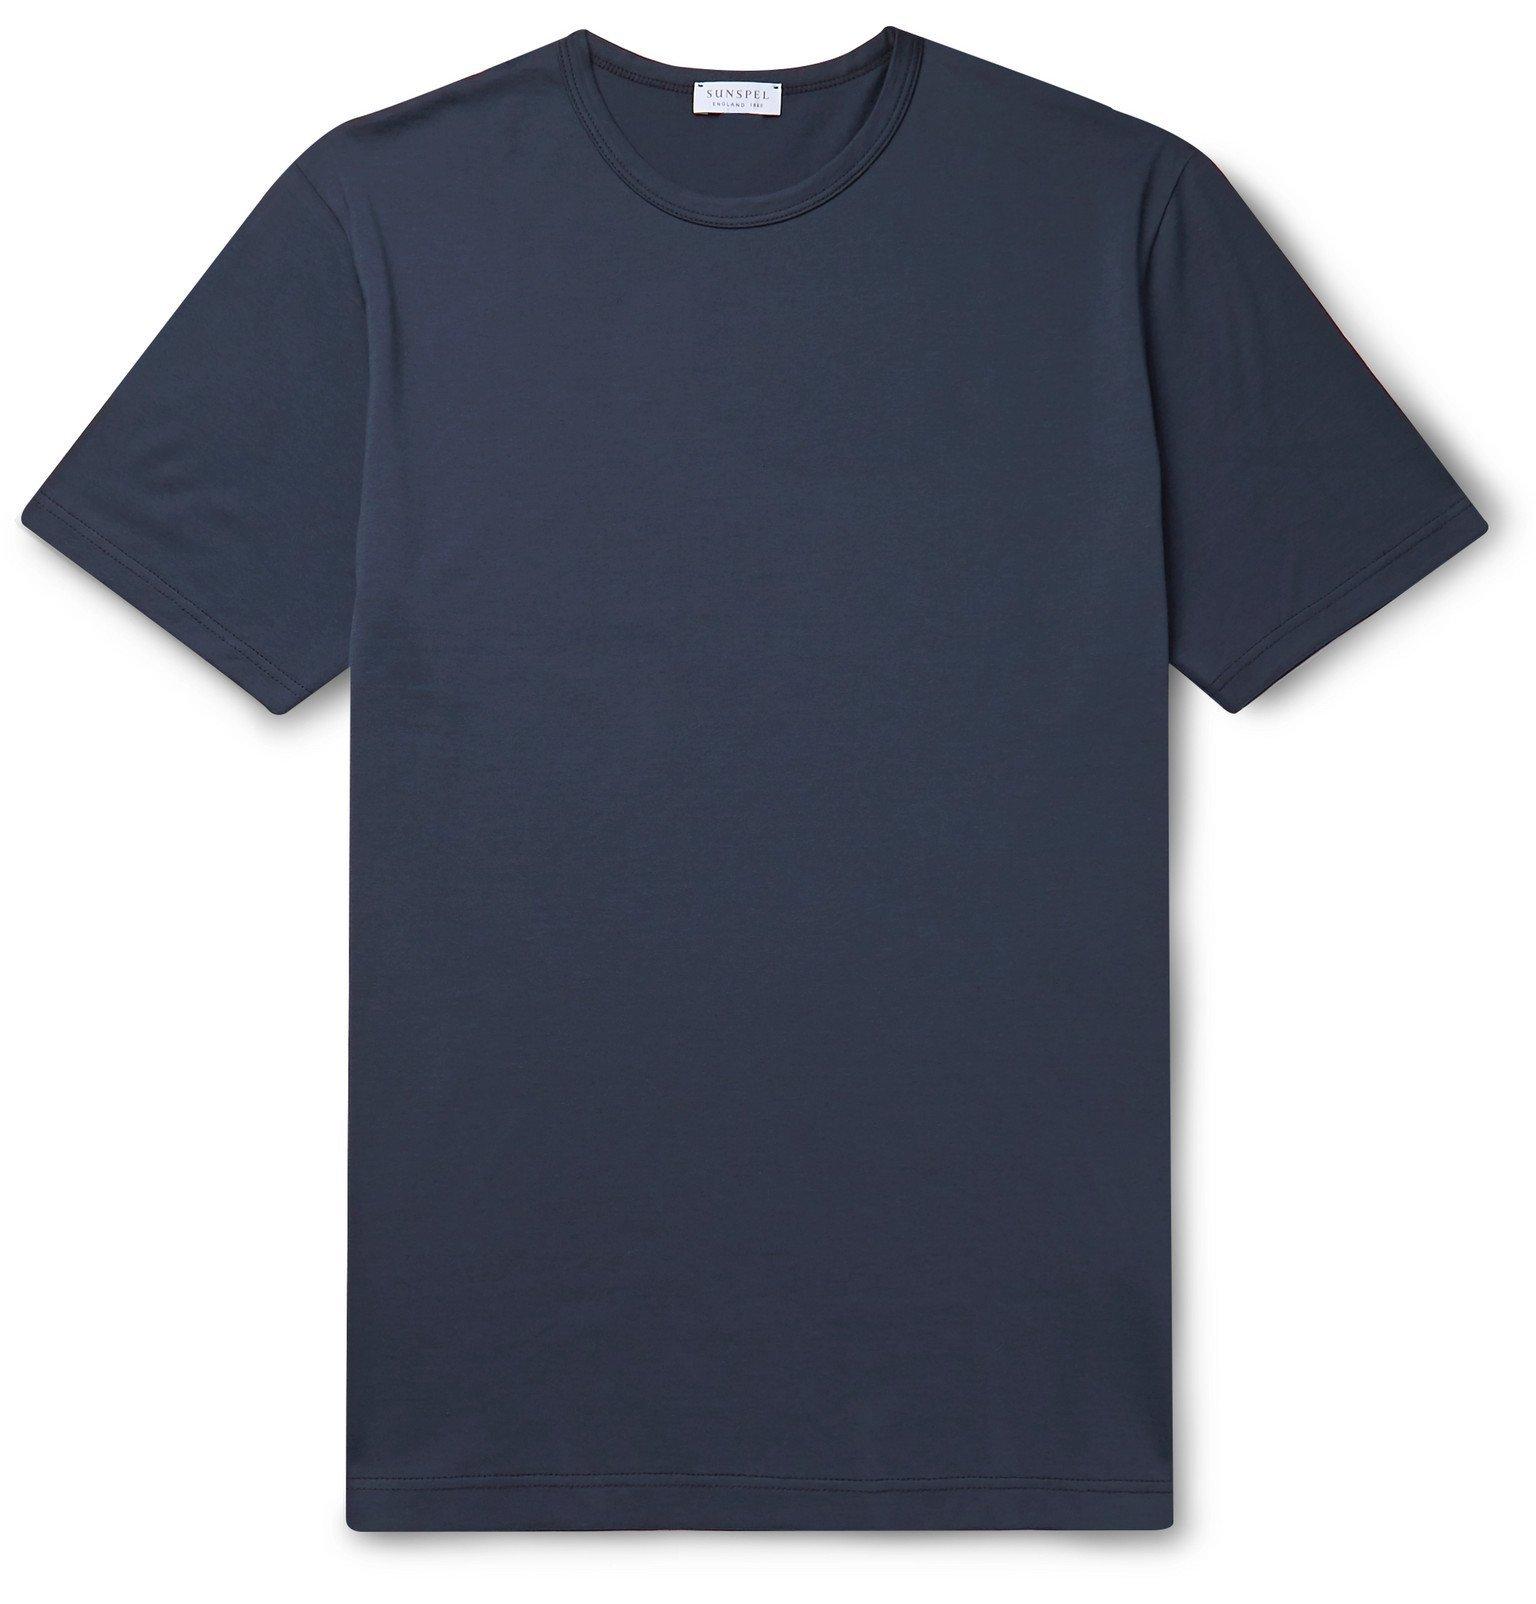 Sunspel - Cotton-Jersey T-Shirt - Blue